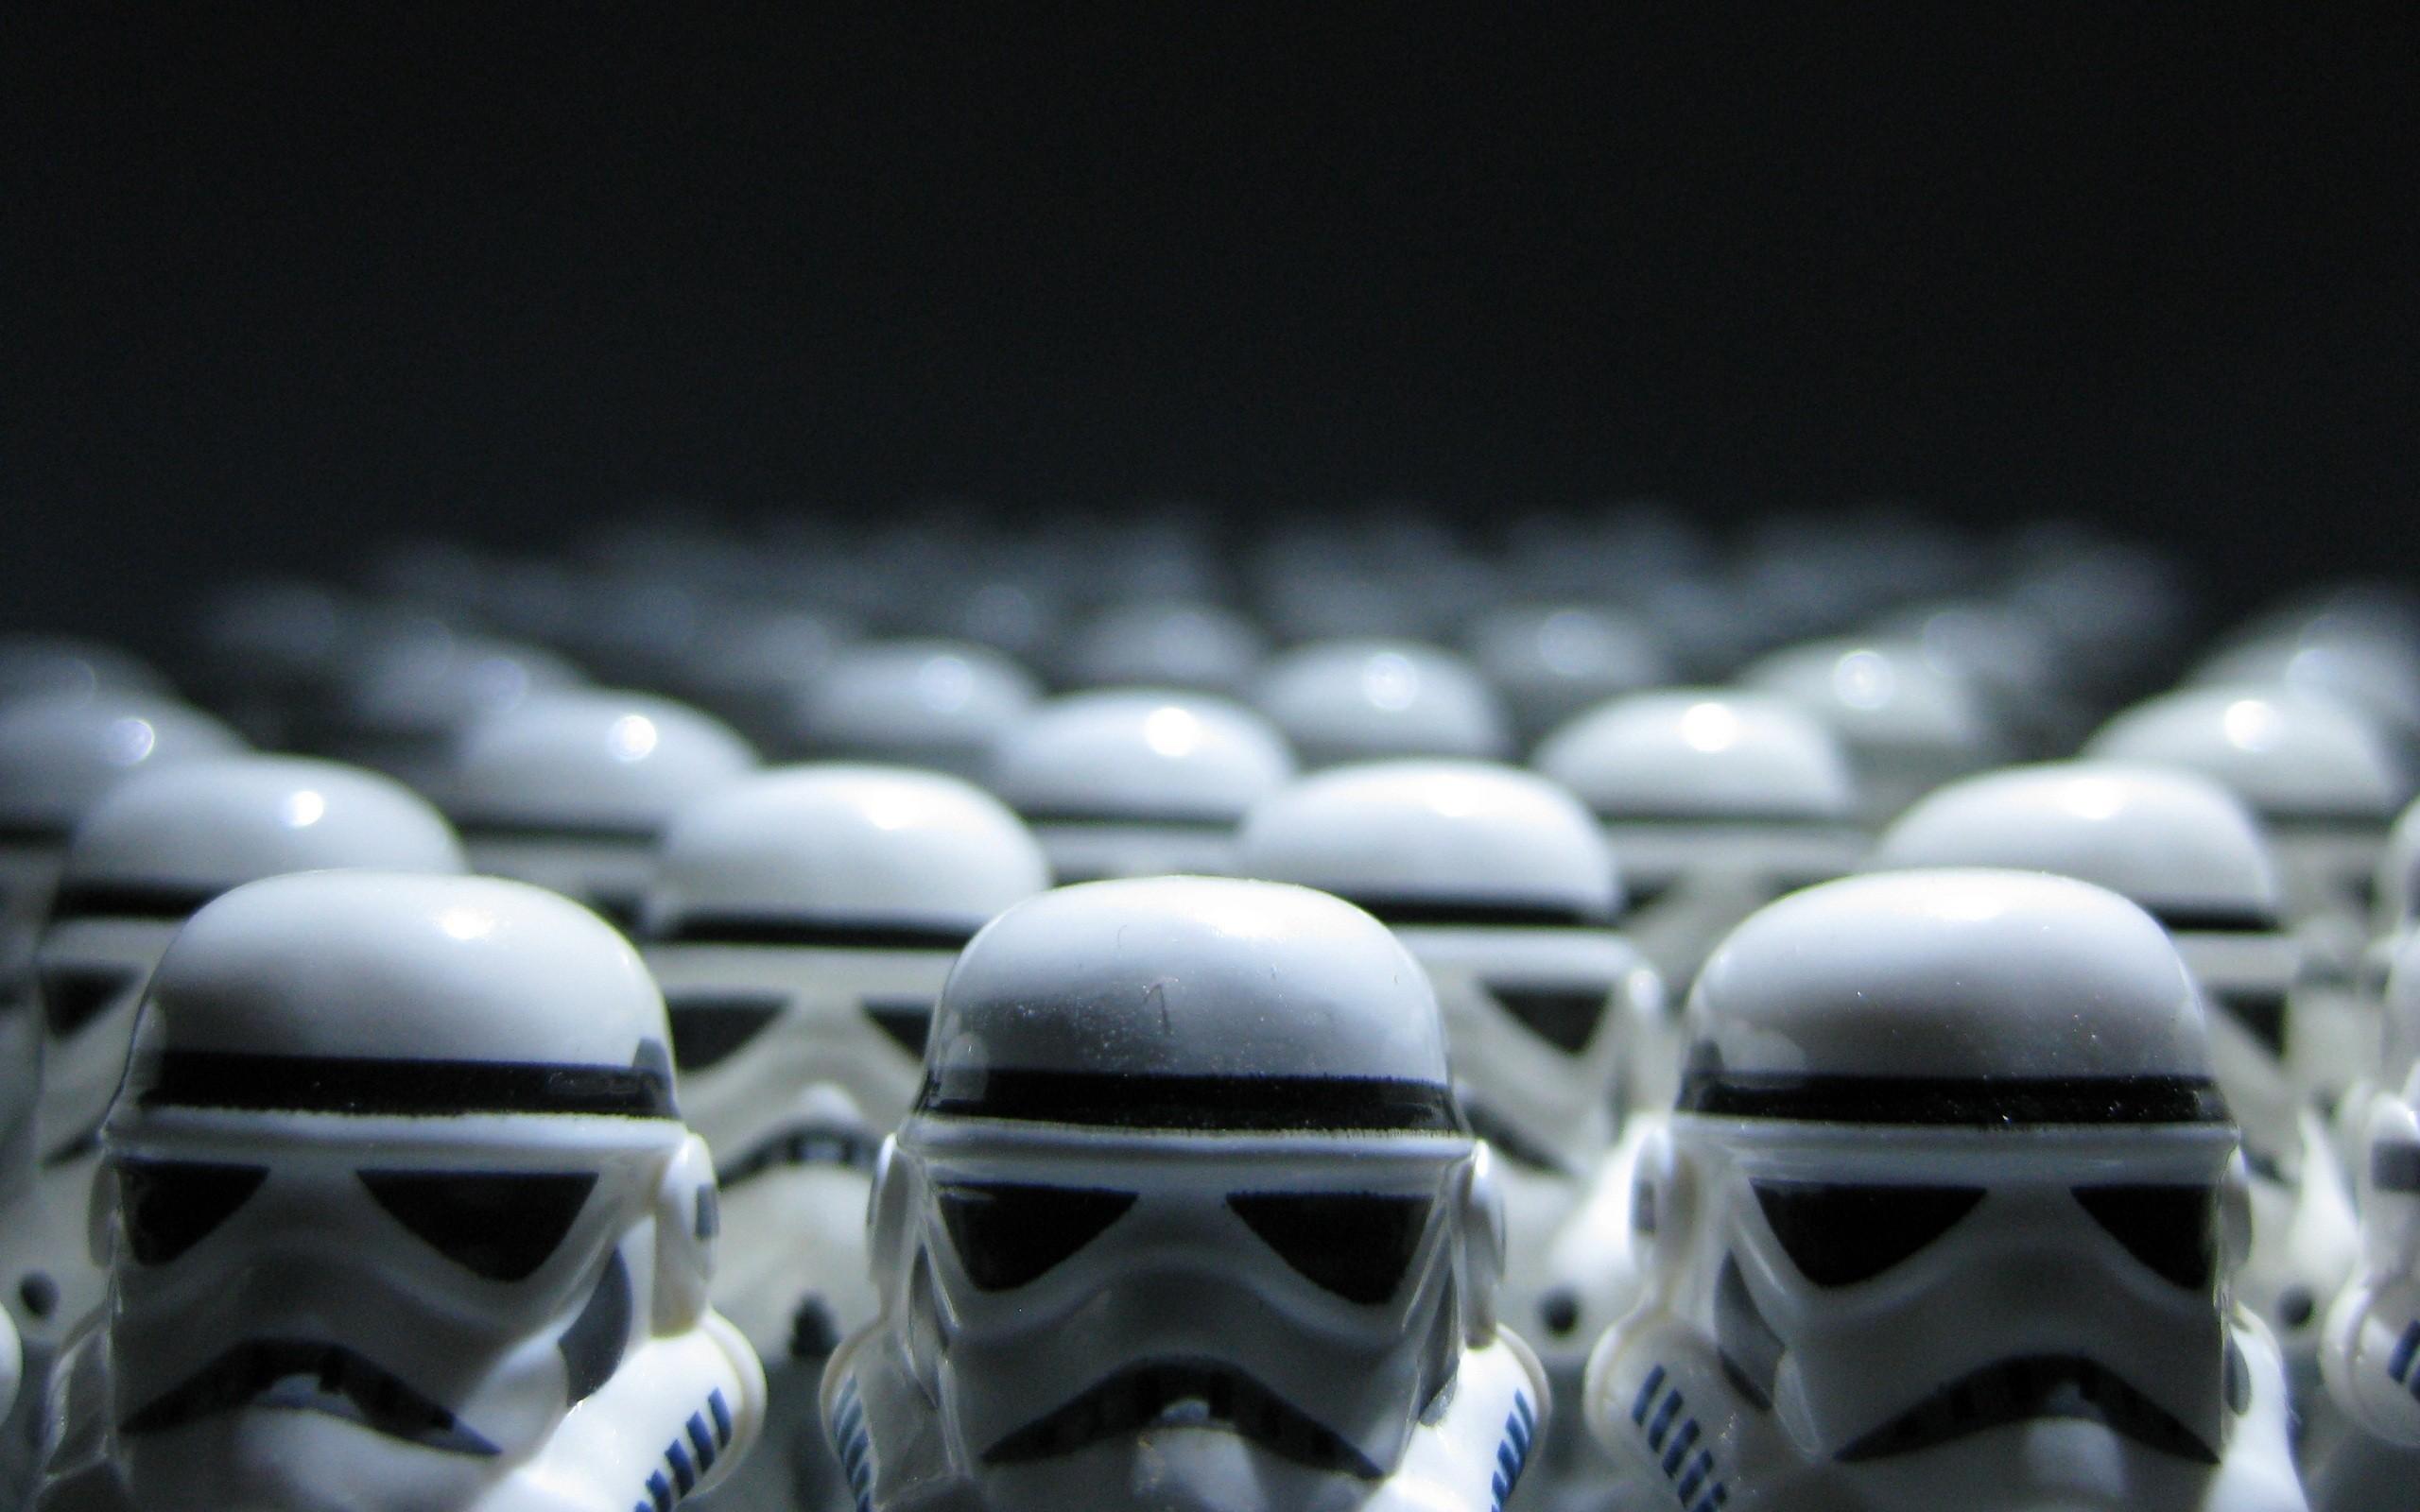 Stormtrooper Hintergrundbilder Lego Starwars Stormtrooper frei fotos 2560x1600